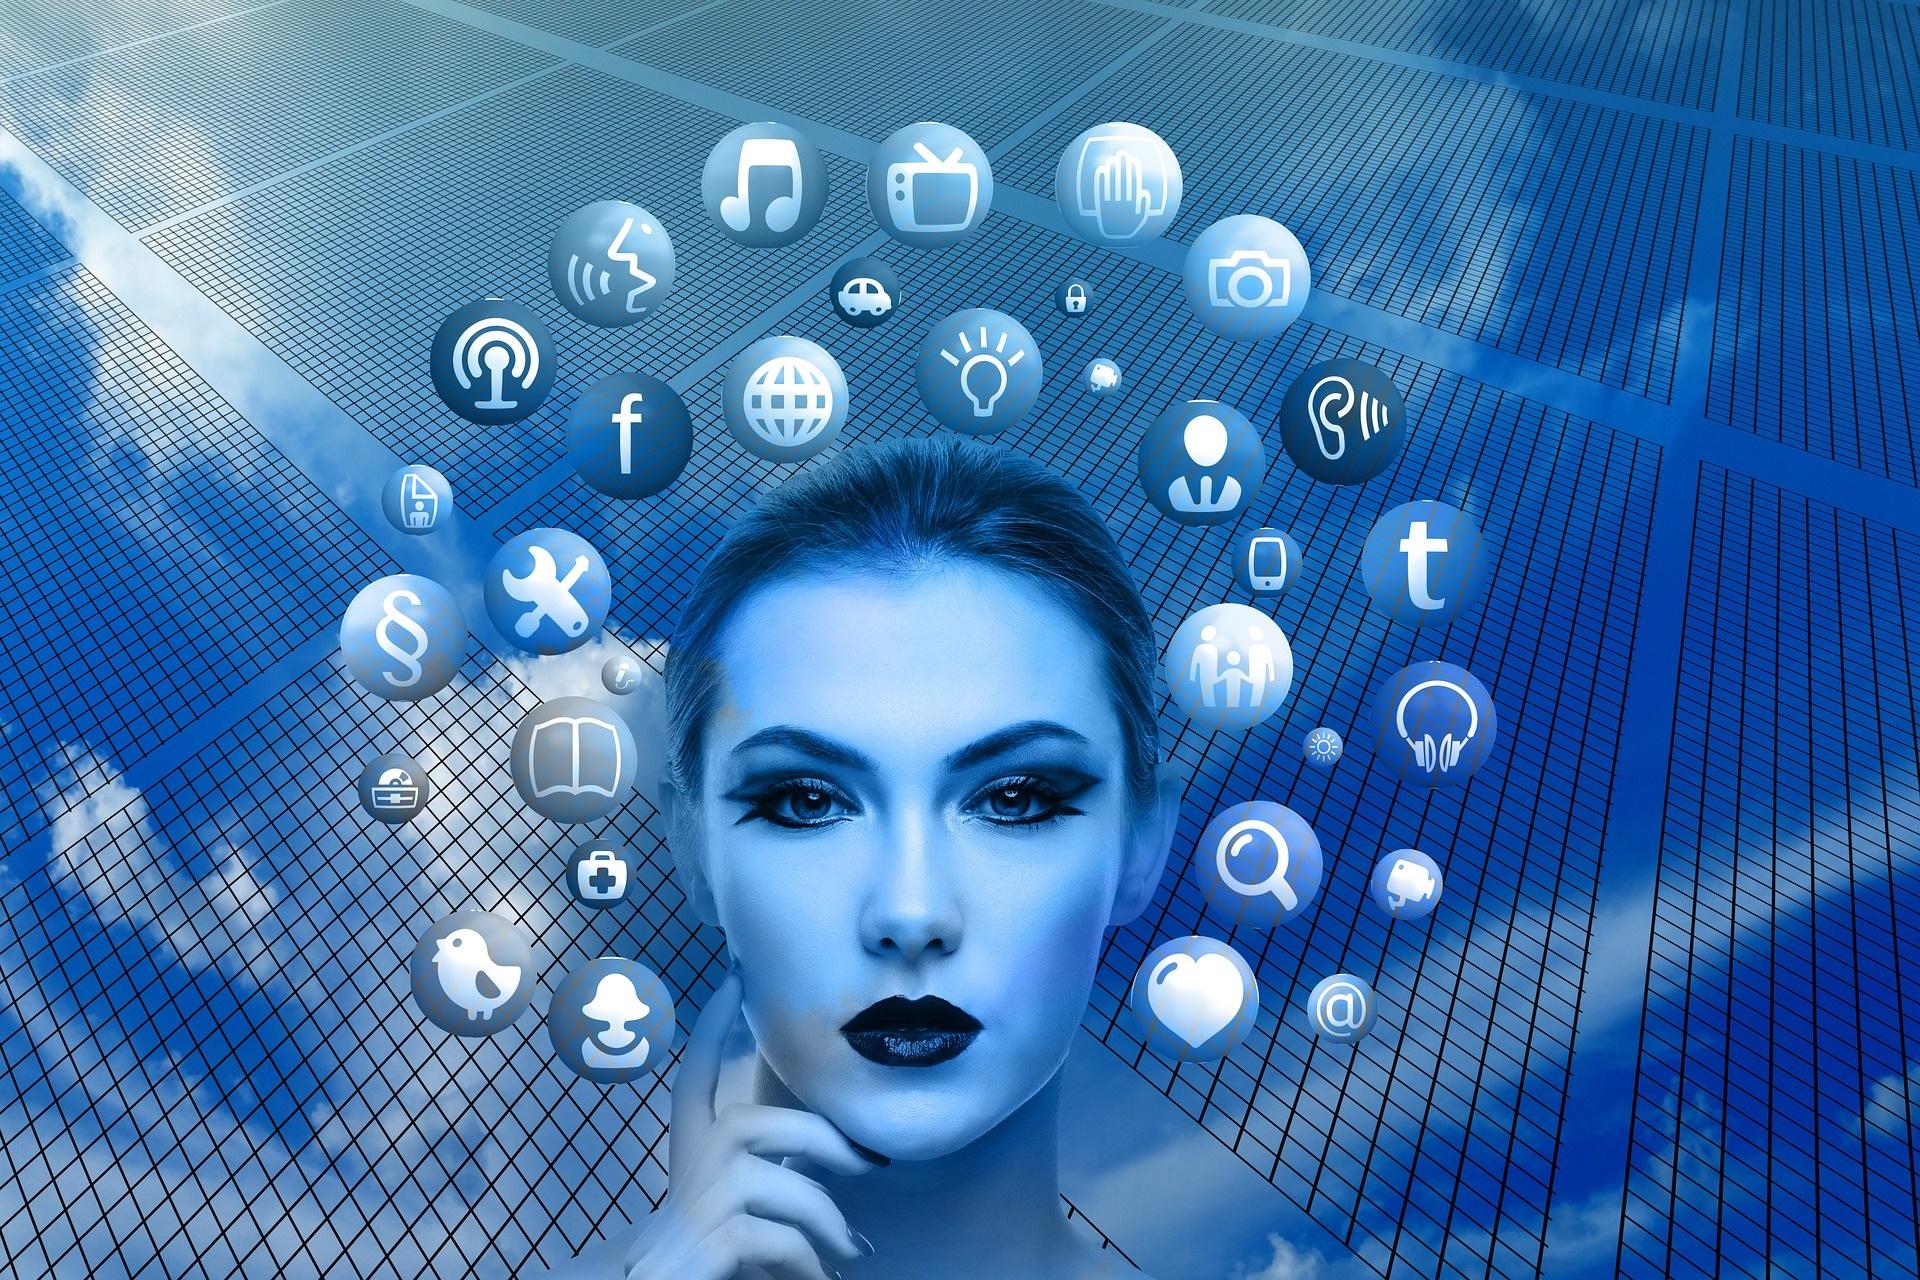 Digitalisierung - Frauenkopf mit Items